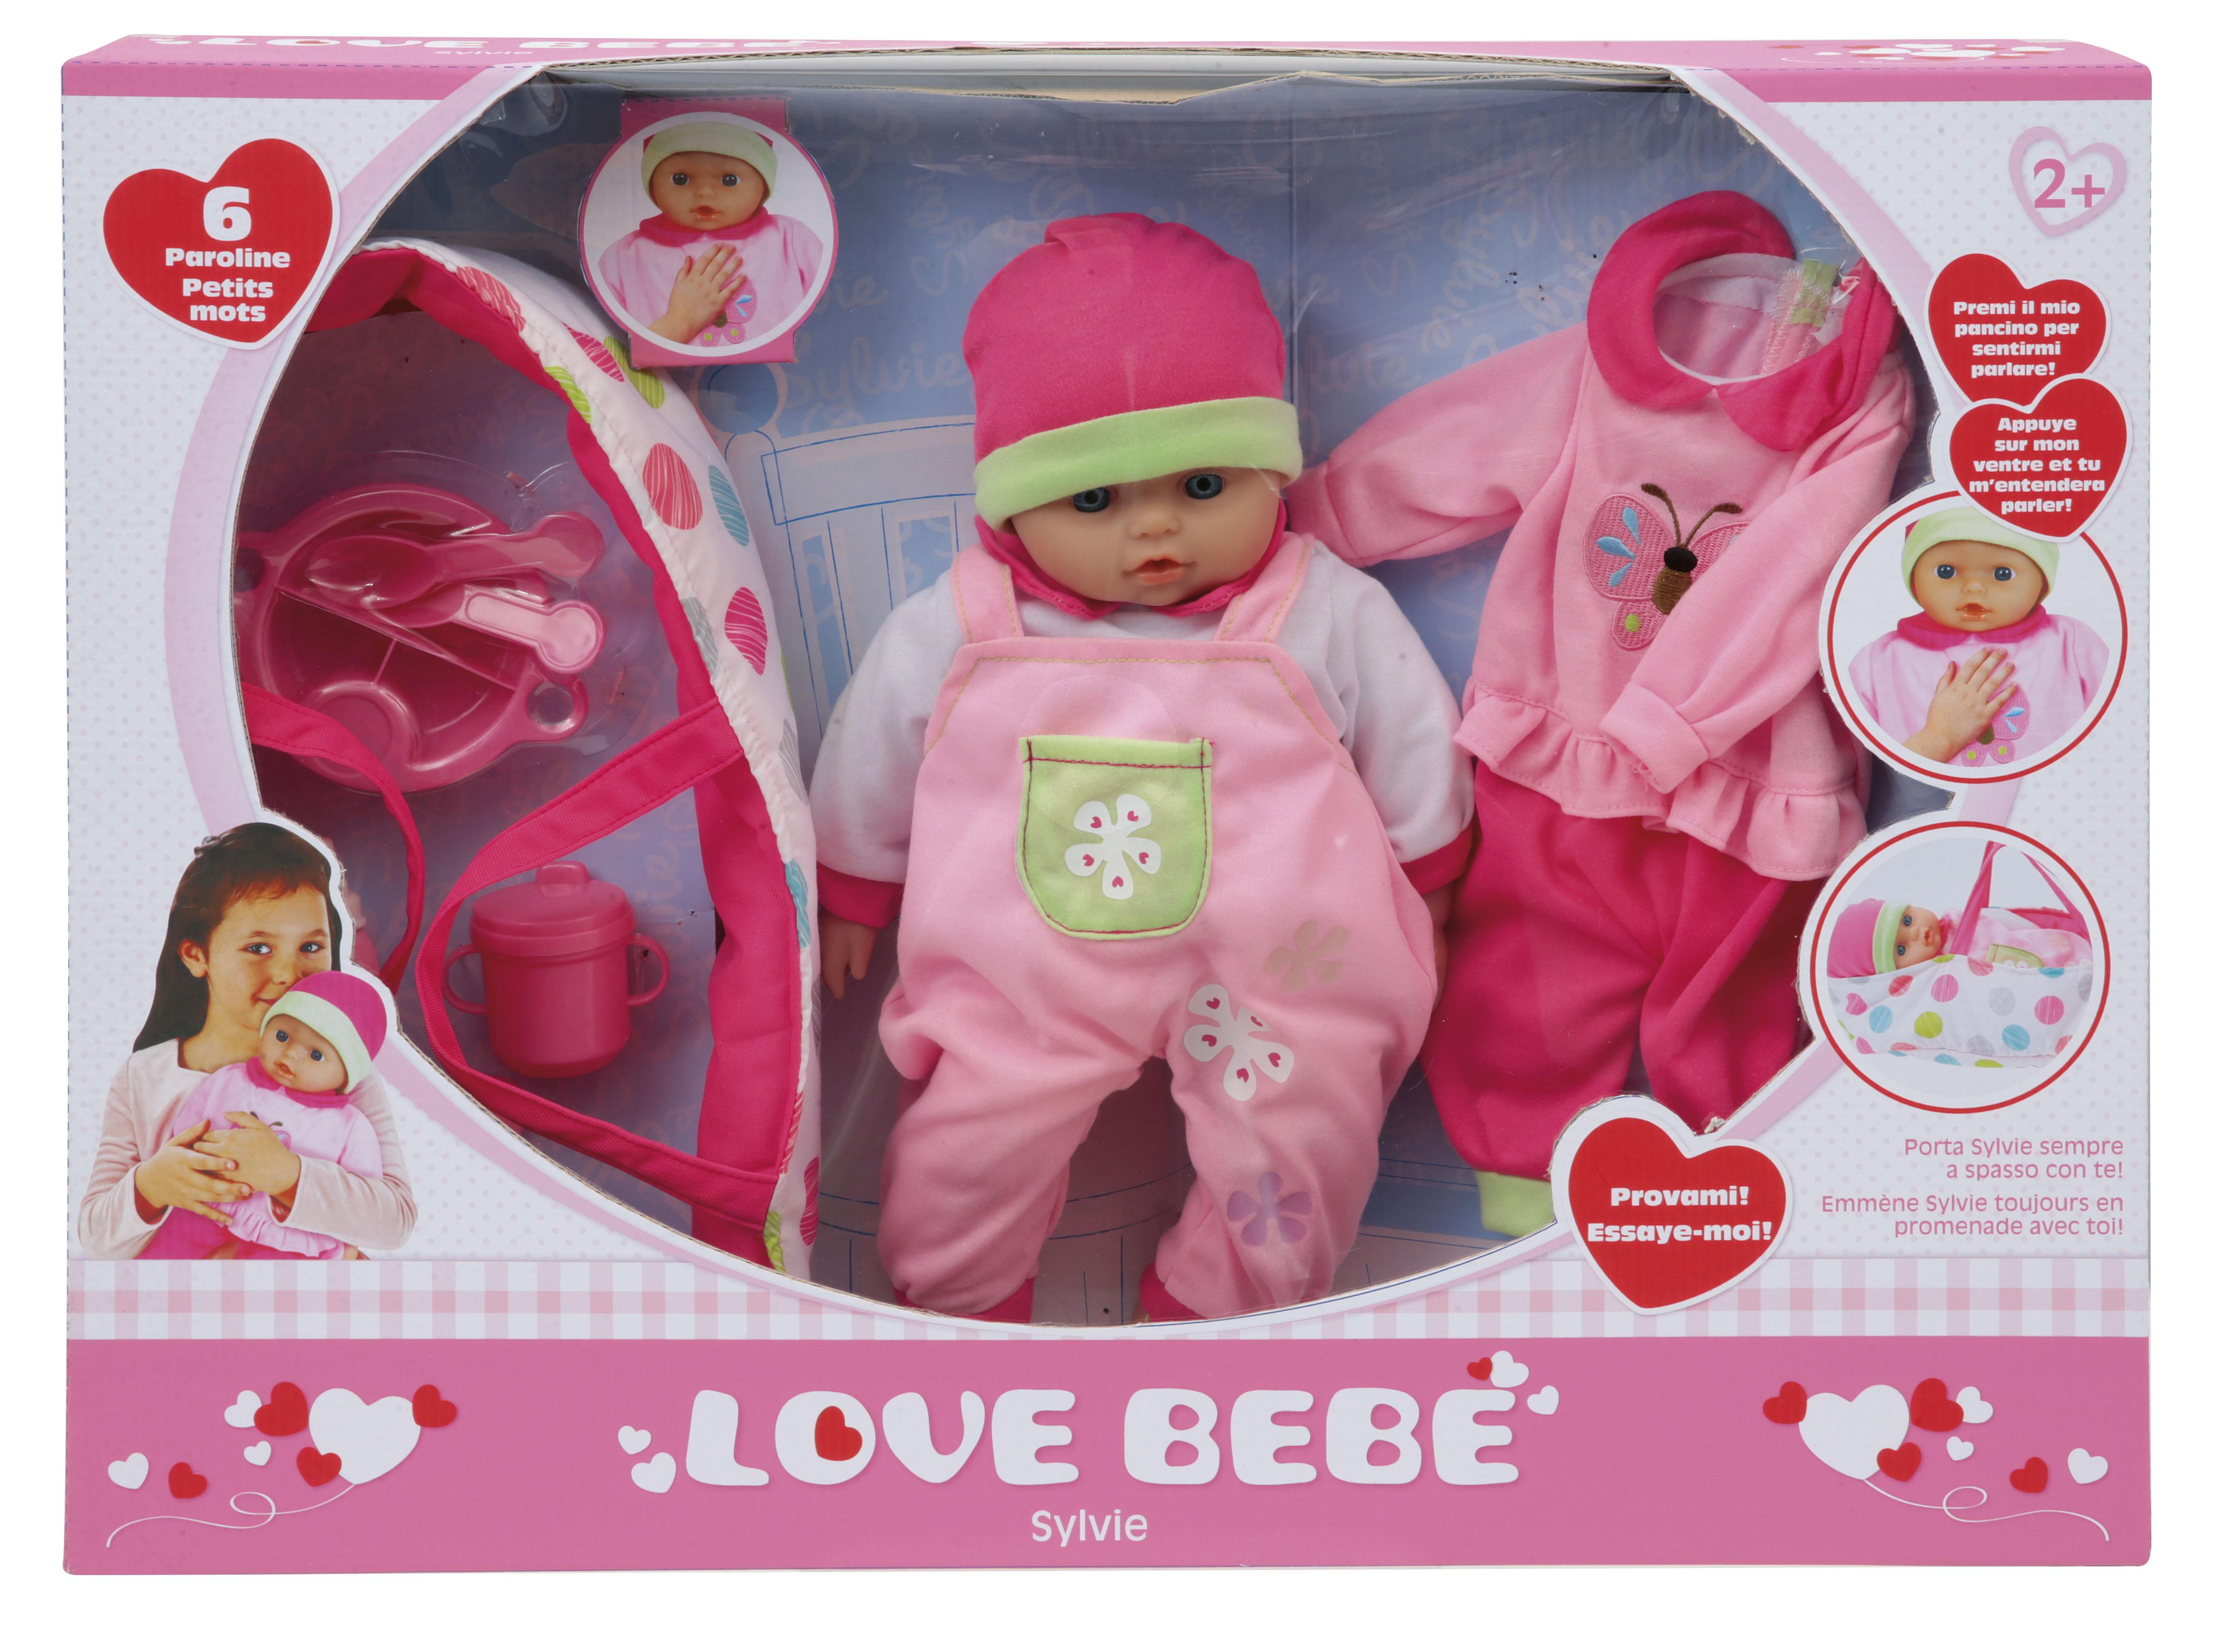 Bambola sylvie - LOVE BEBÈ